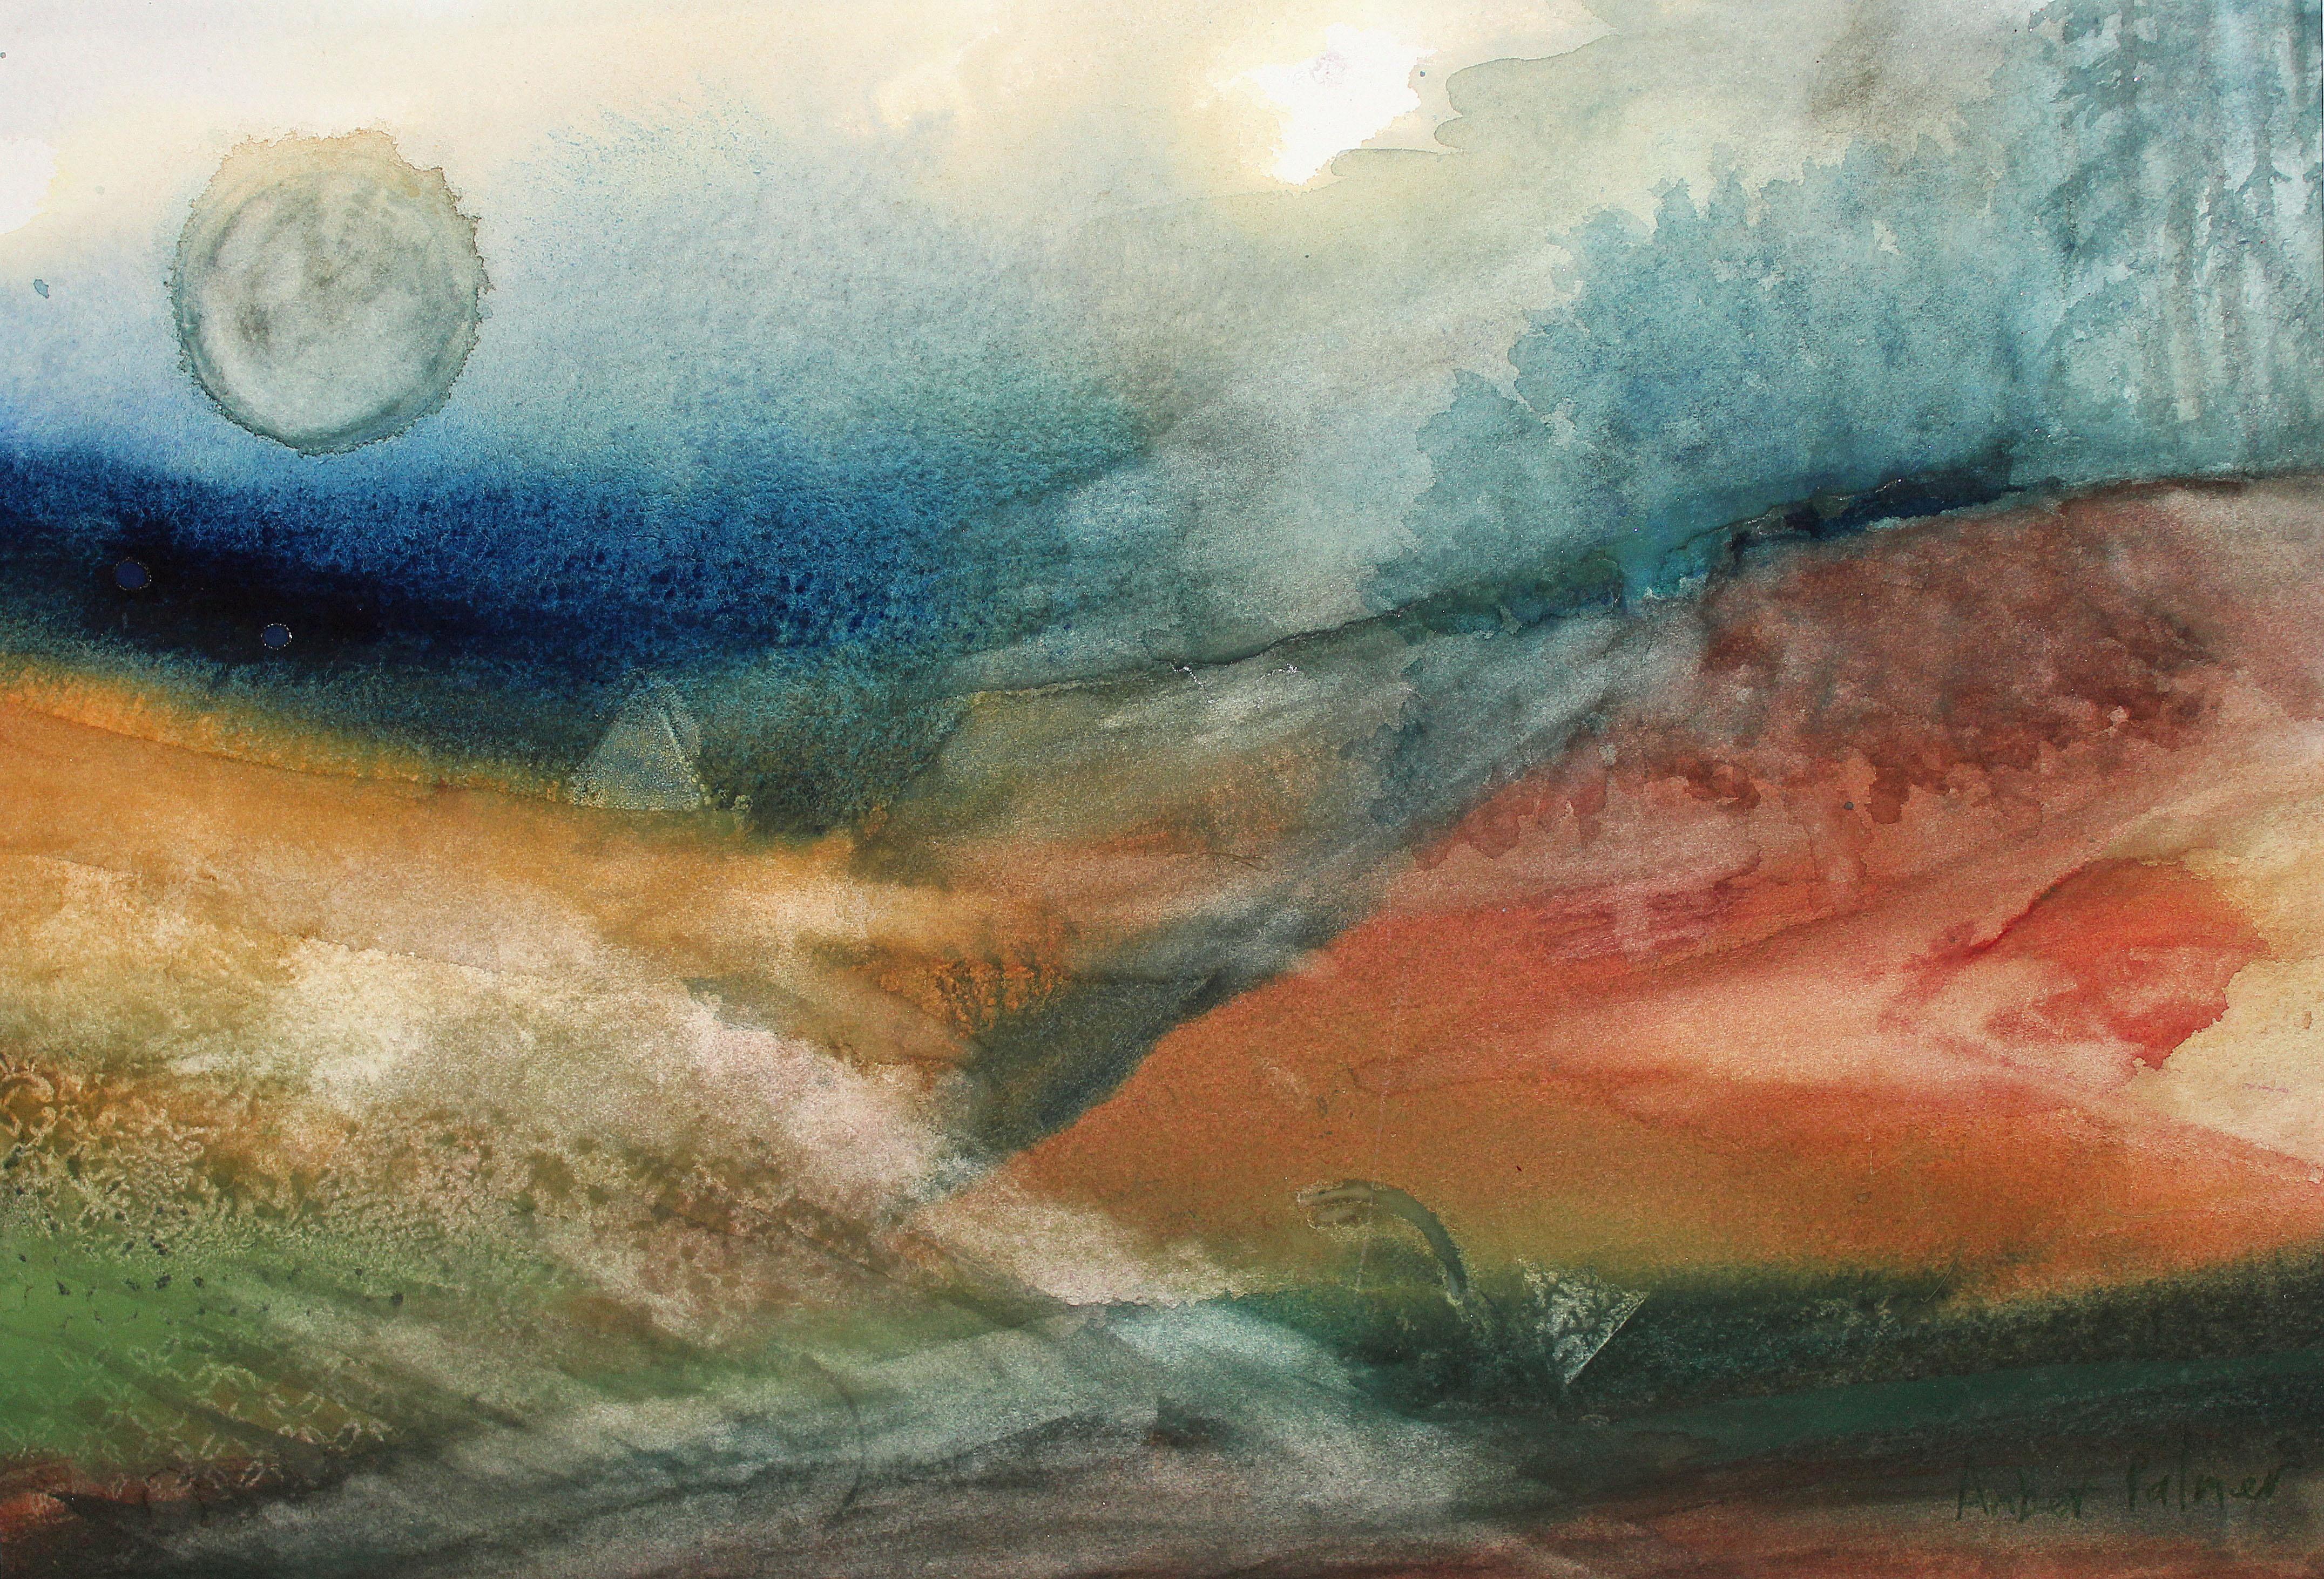 Dreamscape watercolor 16x20 $200